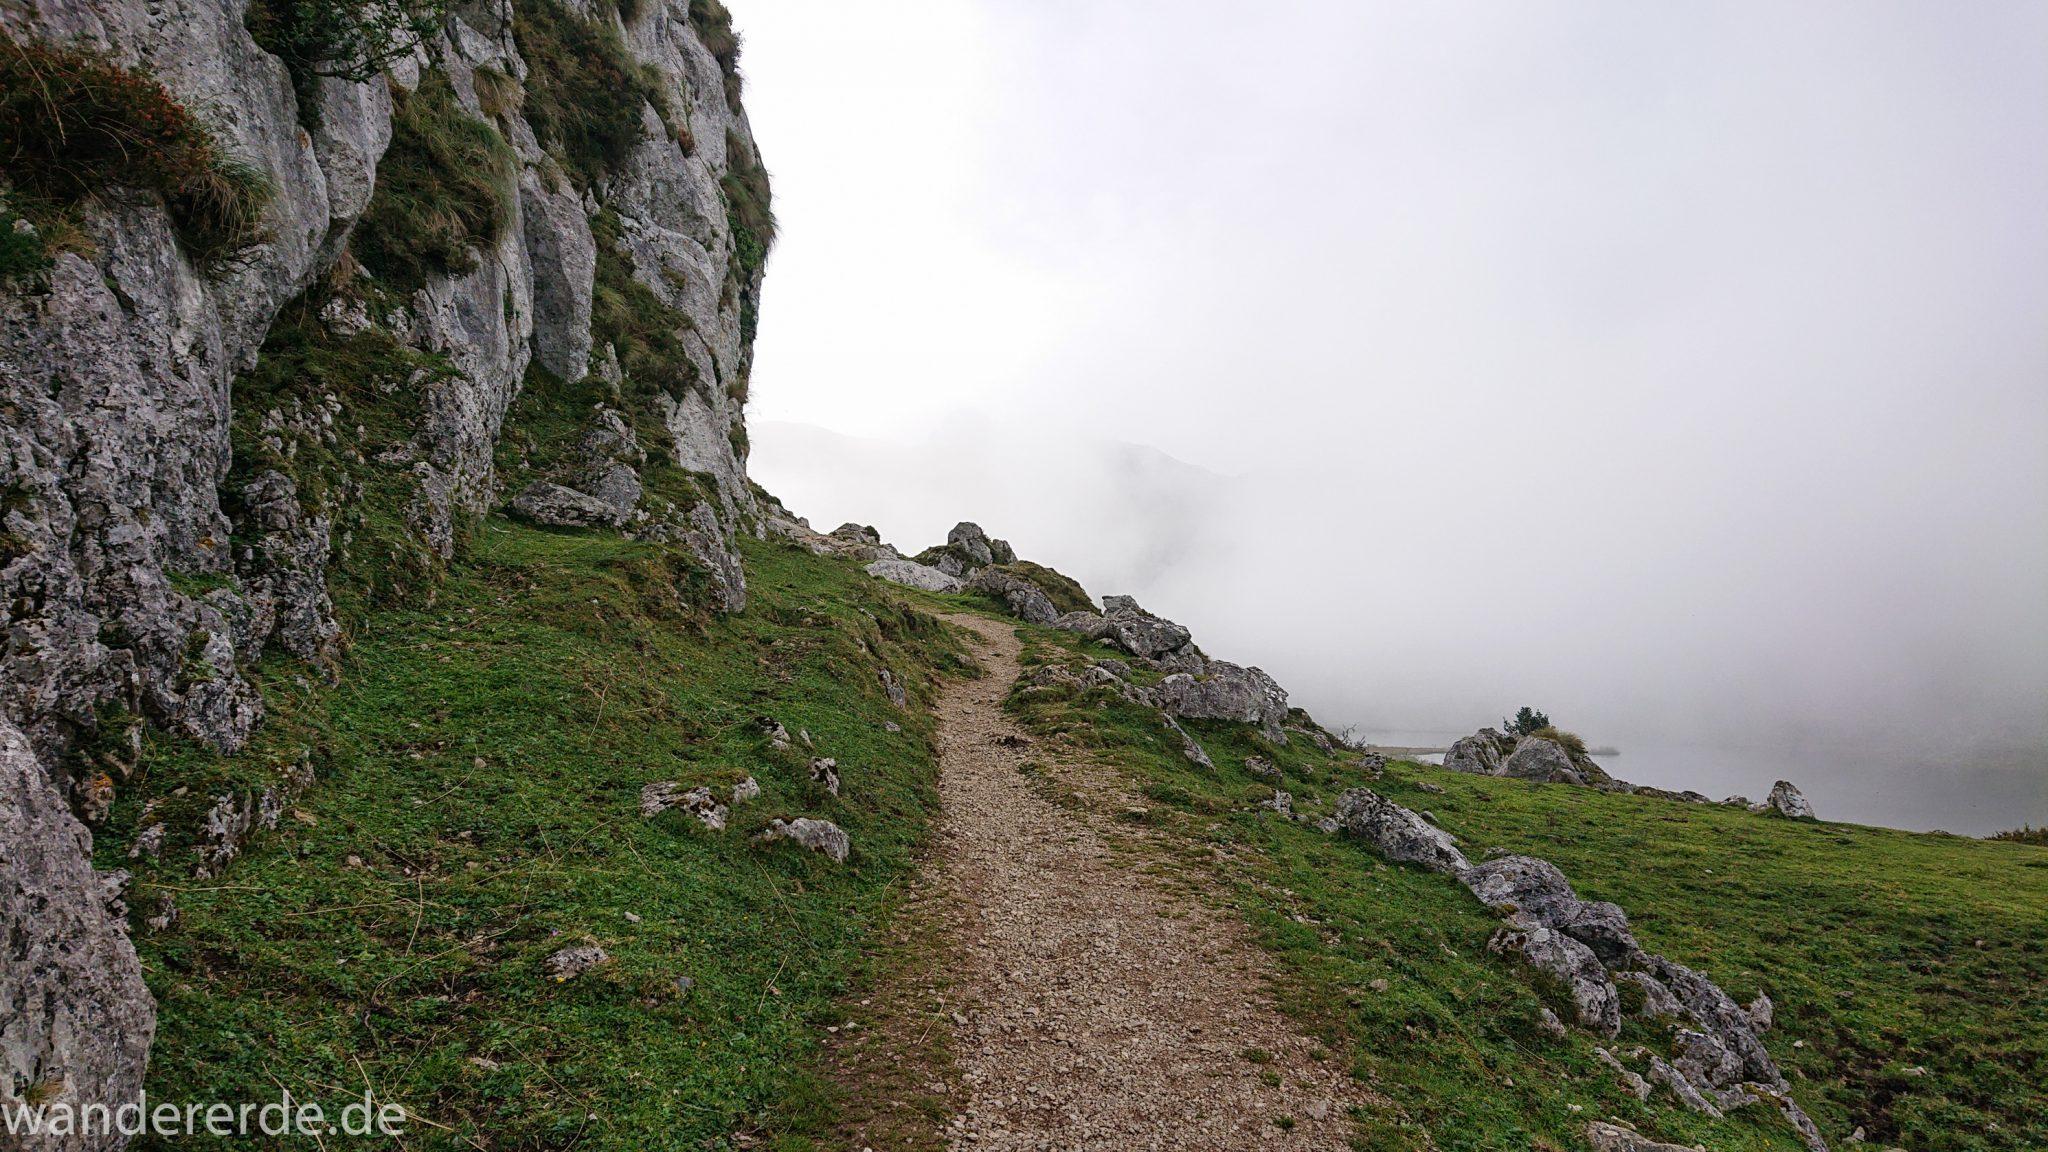 Wanderung Vega de Ario Picos de Europa Spanien, Start des Wanderwegs beim Lago Ercina, Kieselsteine, Berge, Wolken, kurze Sicht, grüne Wiesen